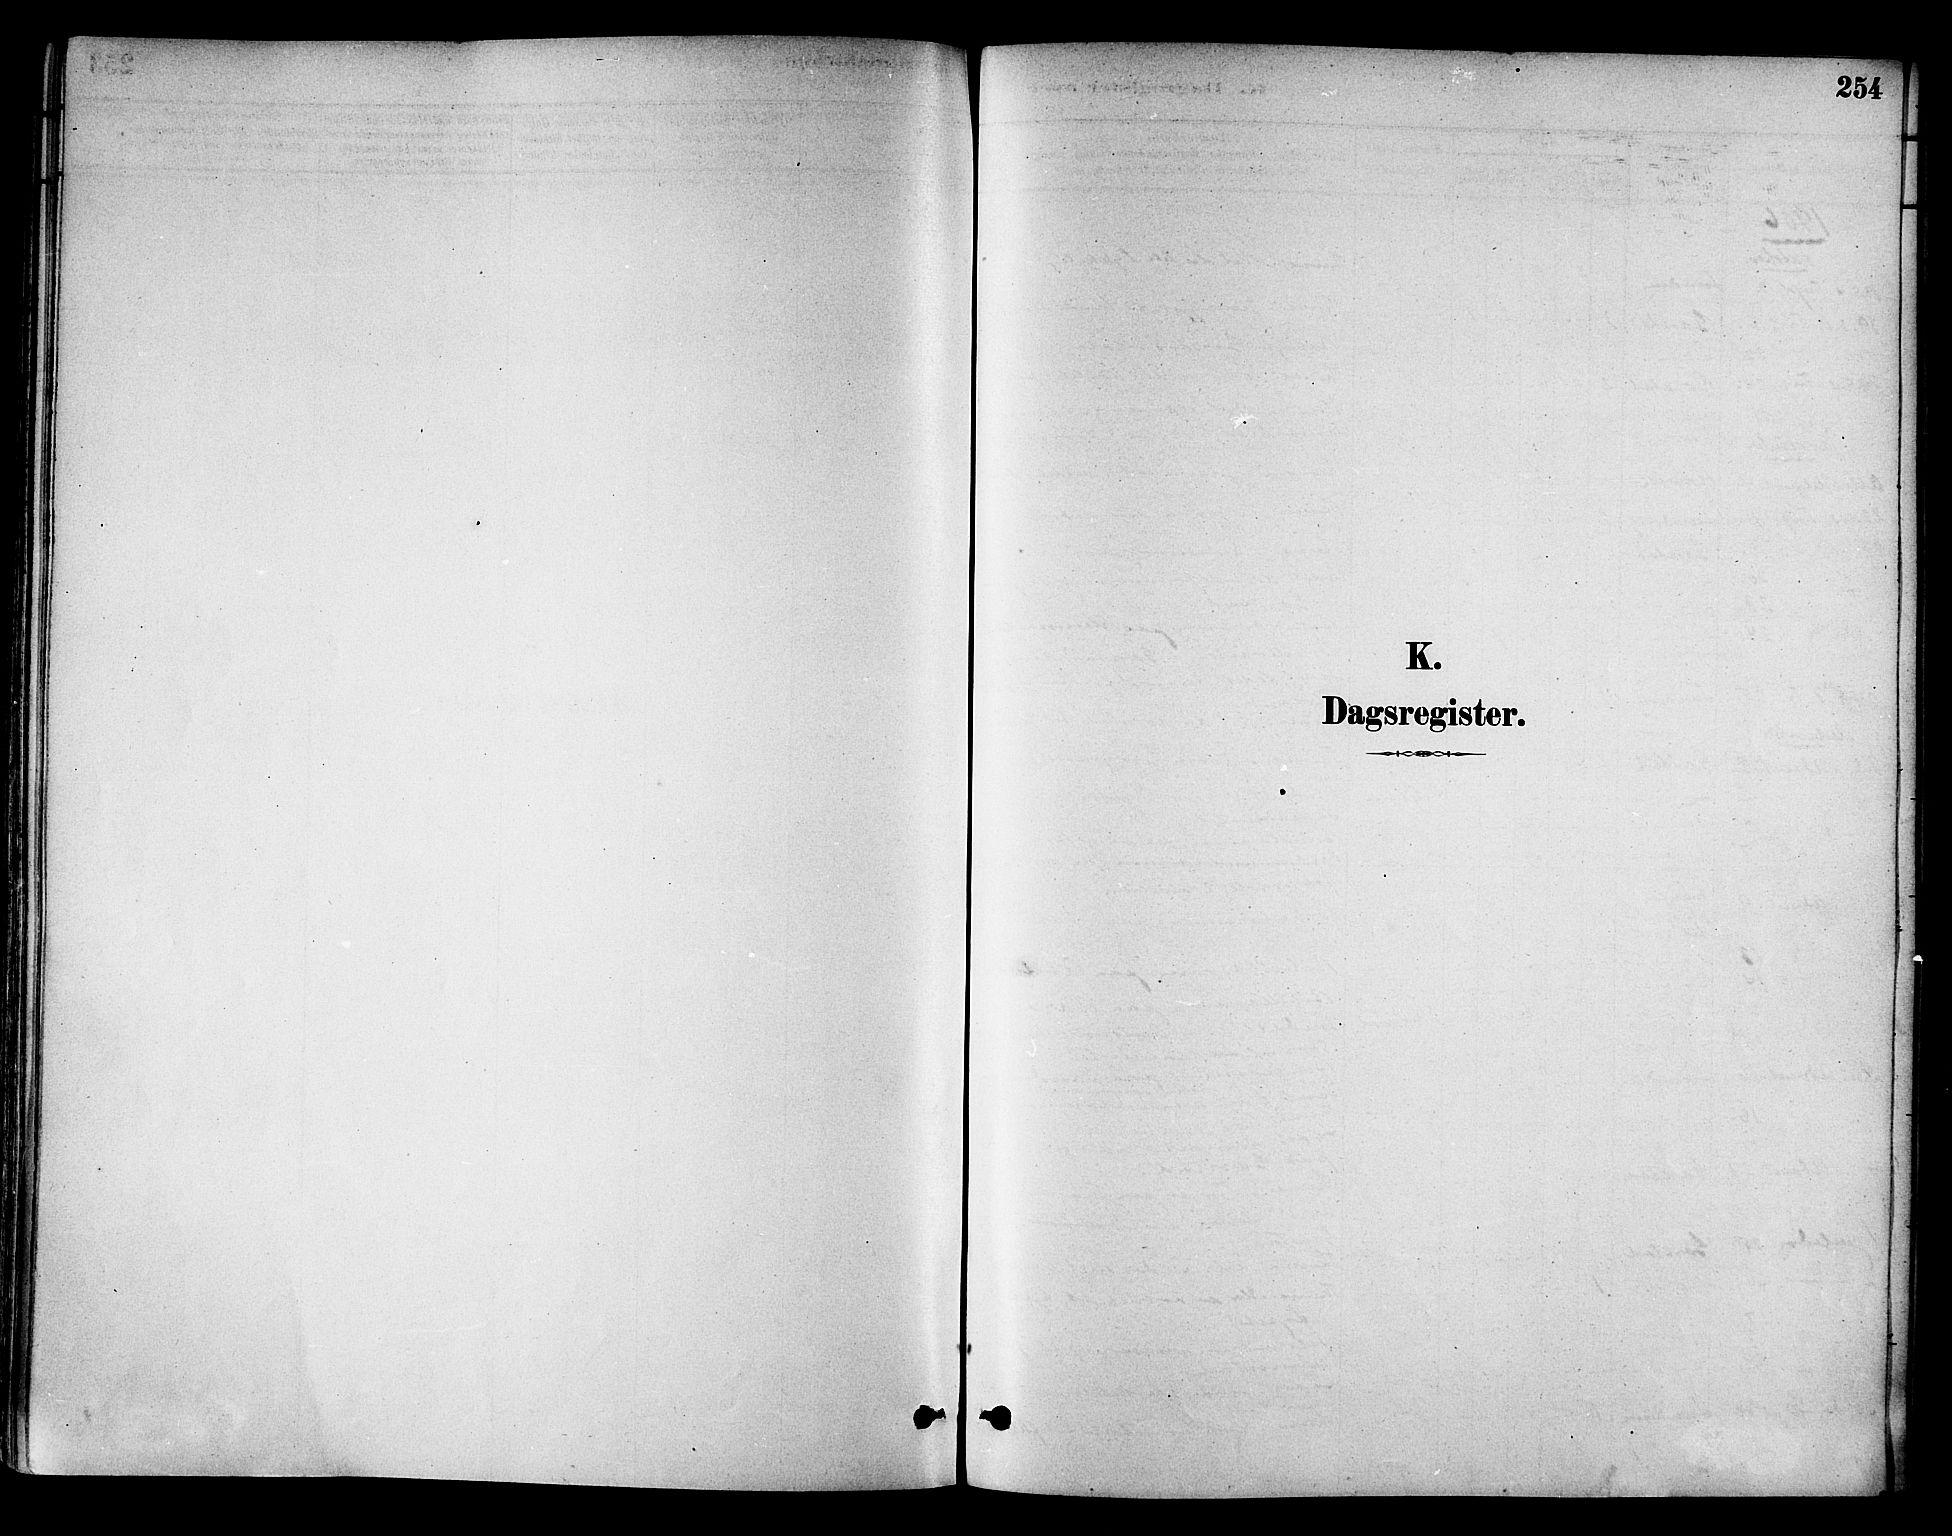 SAT, Ministerialprotokoller, klokkerbøker og fødselsregistre - Nord-Trøndelag, 786/L0686: Ministerialbok nr. 786A02, 1880-1887, s. 254